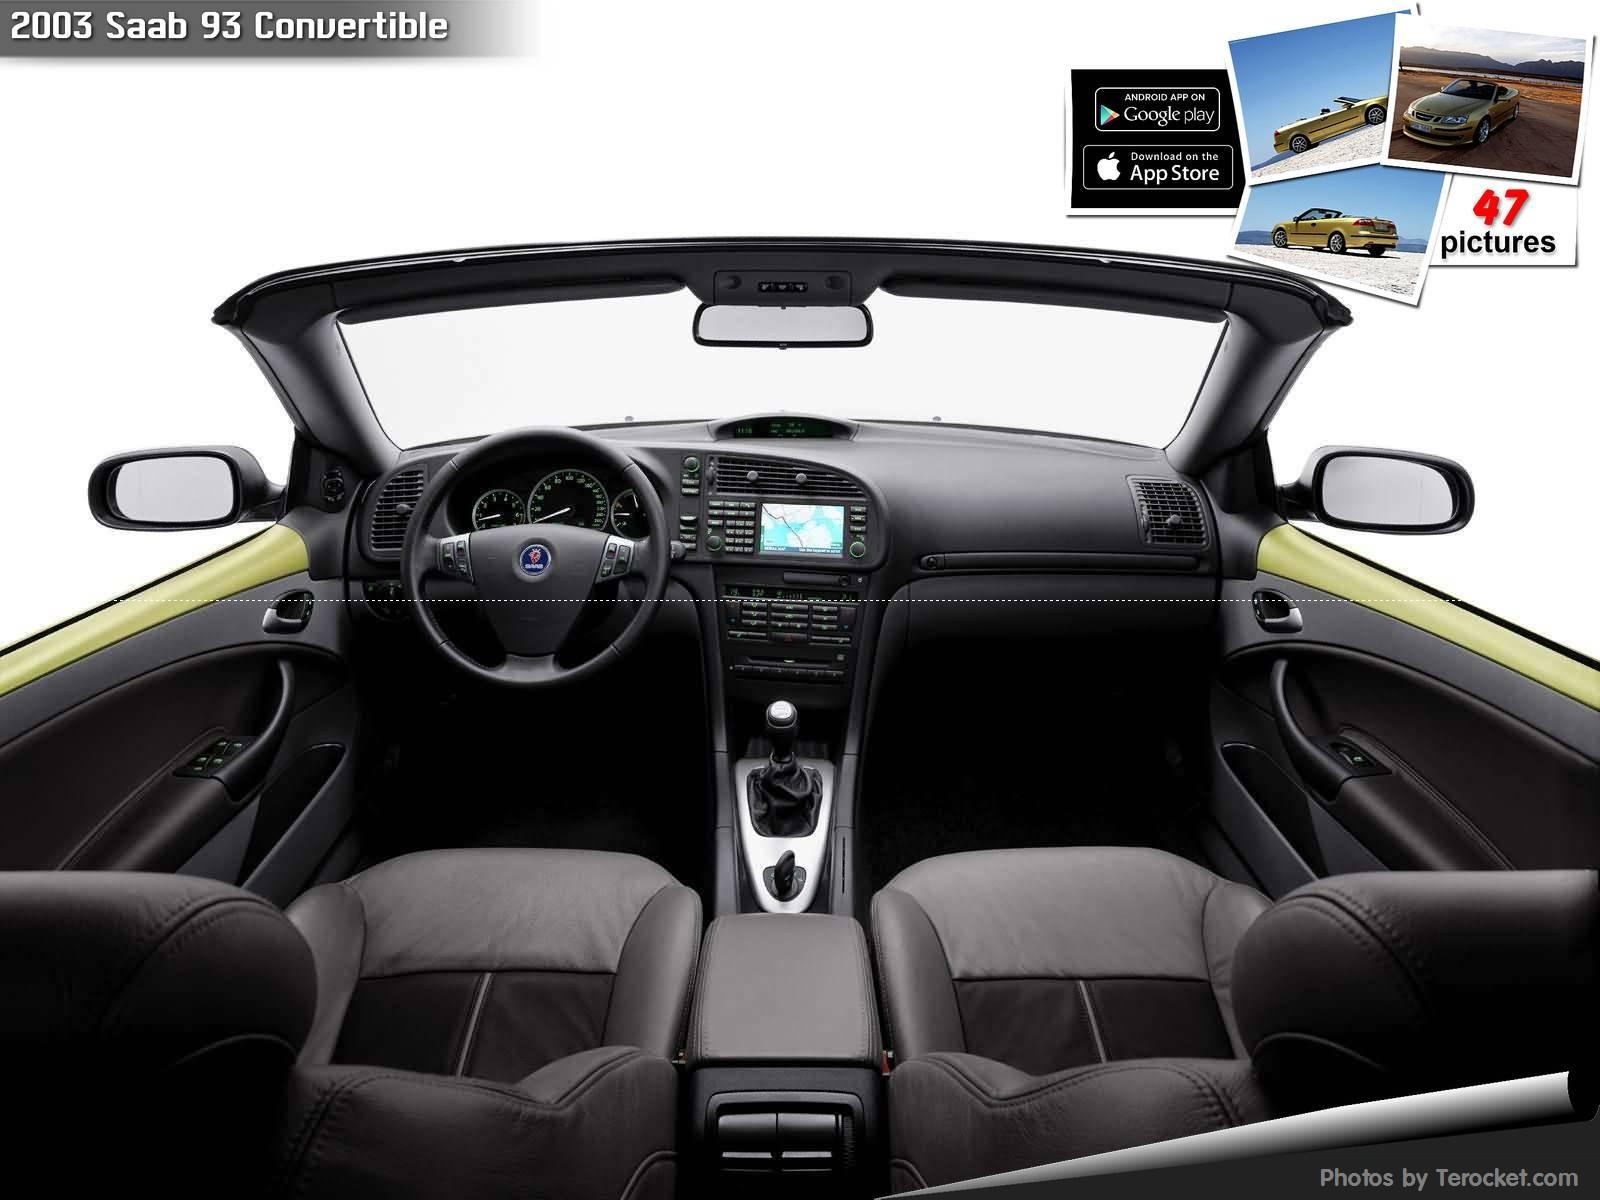 Hình ảnh xe ô tô Saab 93 Convertible 2003 & nội ngoại thất